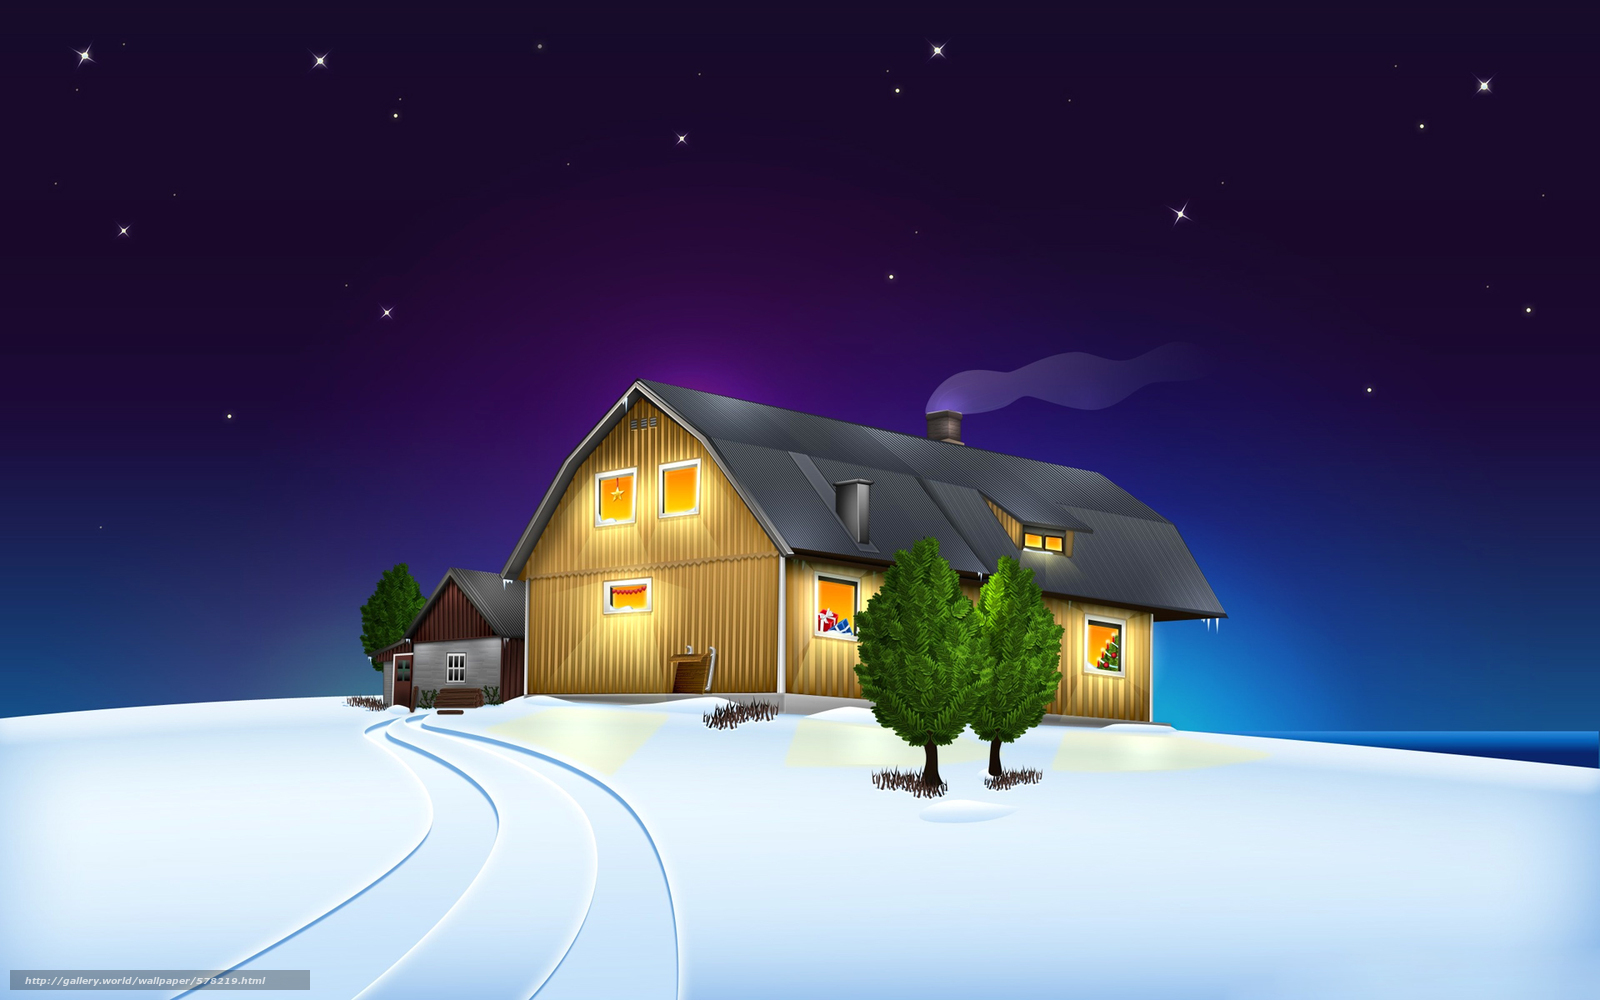 Download Hintergrund Zuhause, Weihnachten, Landschaft, Stern Freie ...